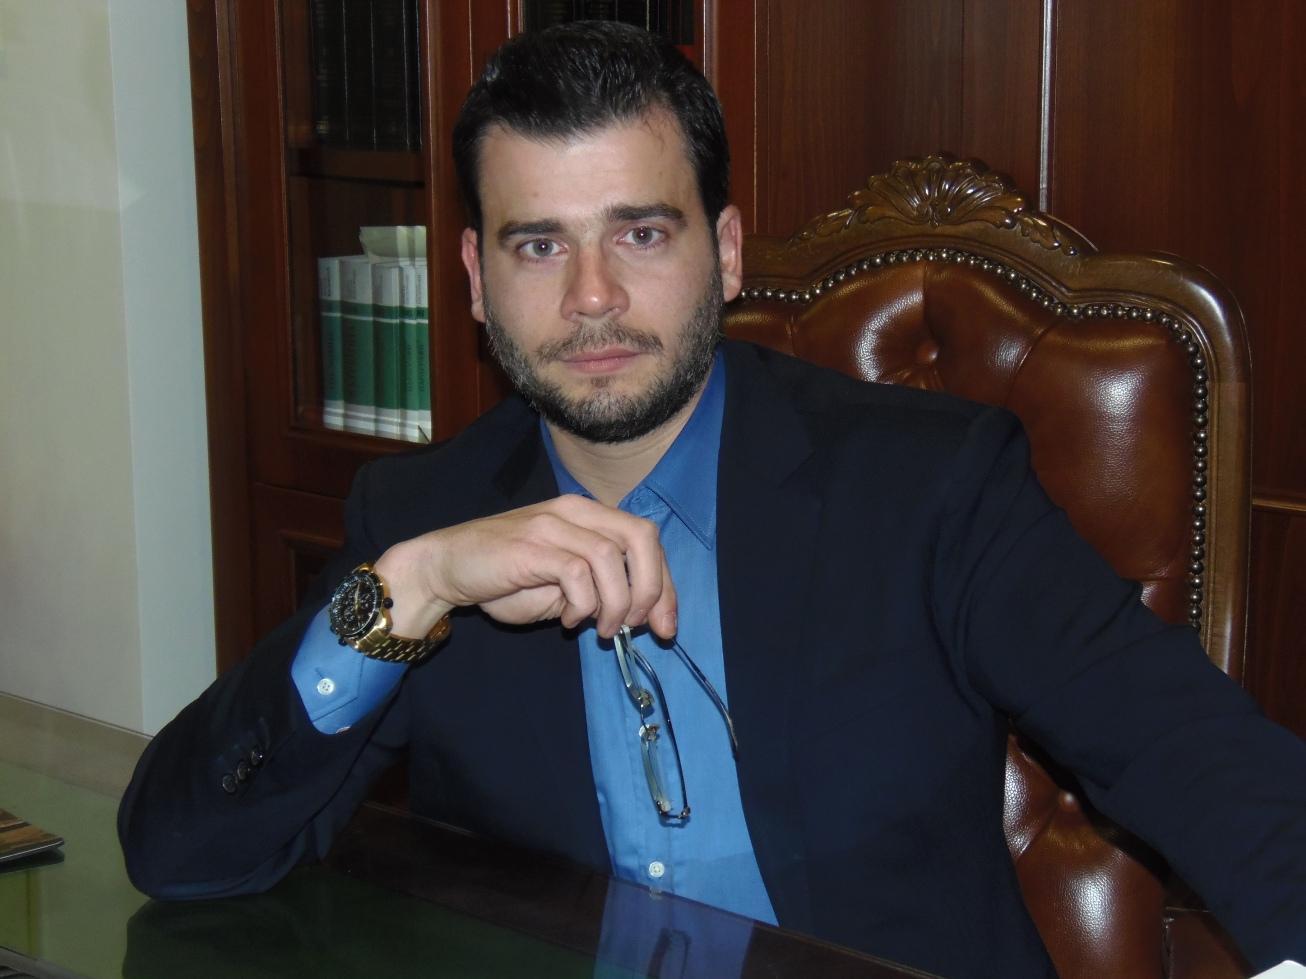 Χρήστος Τσιμπούκης: Σκέψεις για την ανάγκη αποσυμφόρησης των καταστημάτων κράτησης